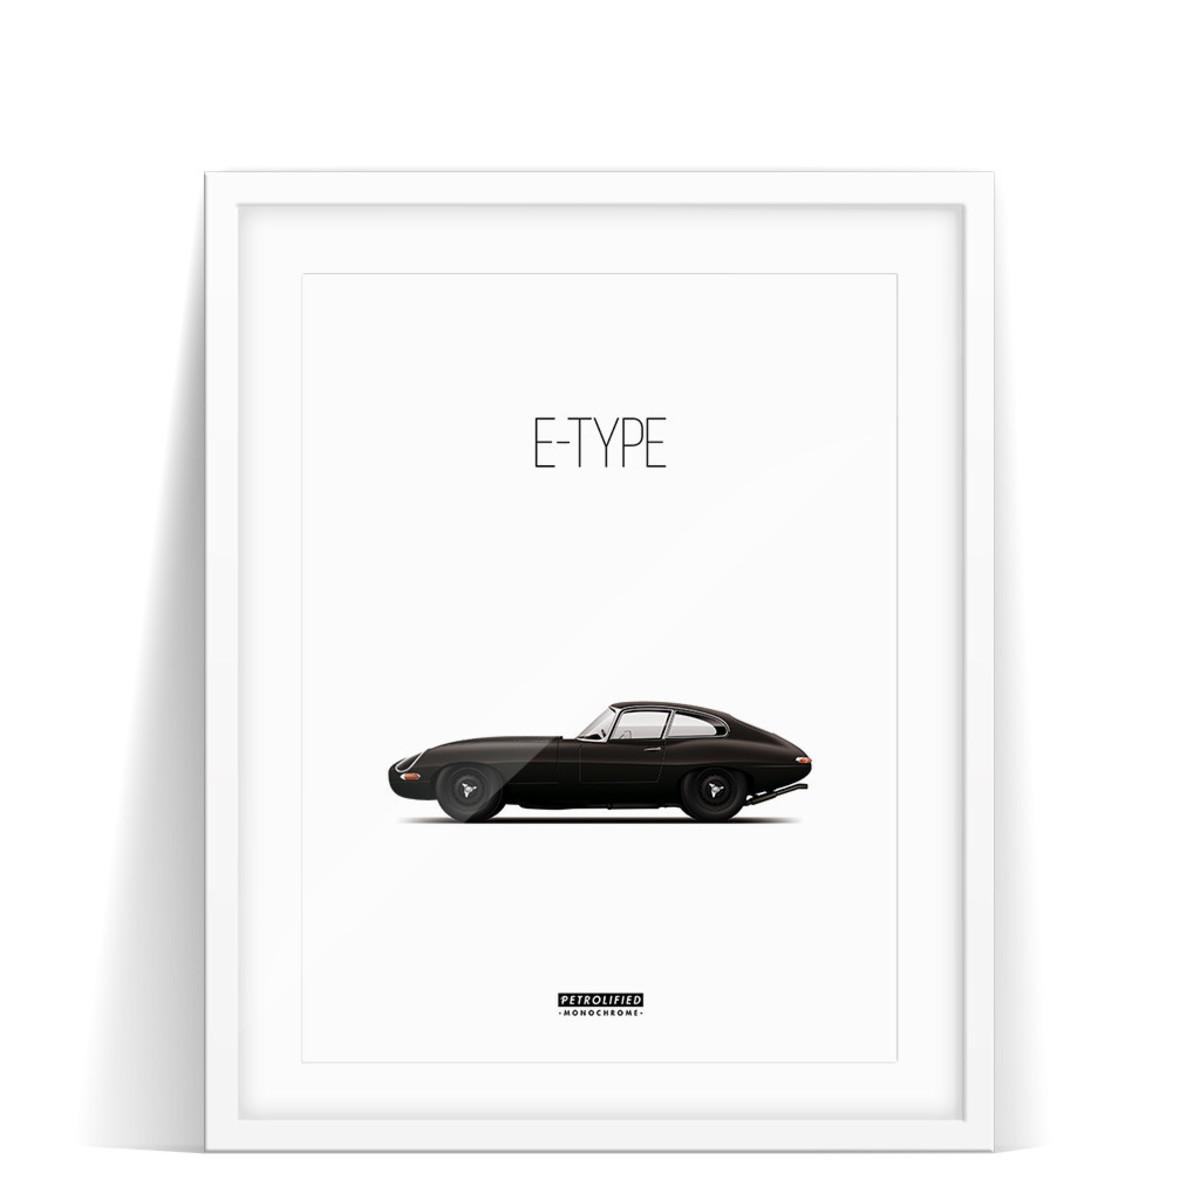 Etype-Monochrome-1024-thumb_2048x2048